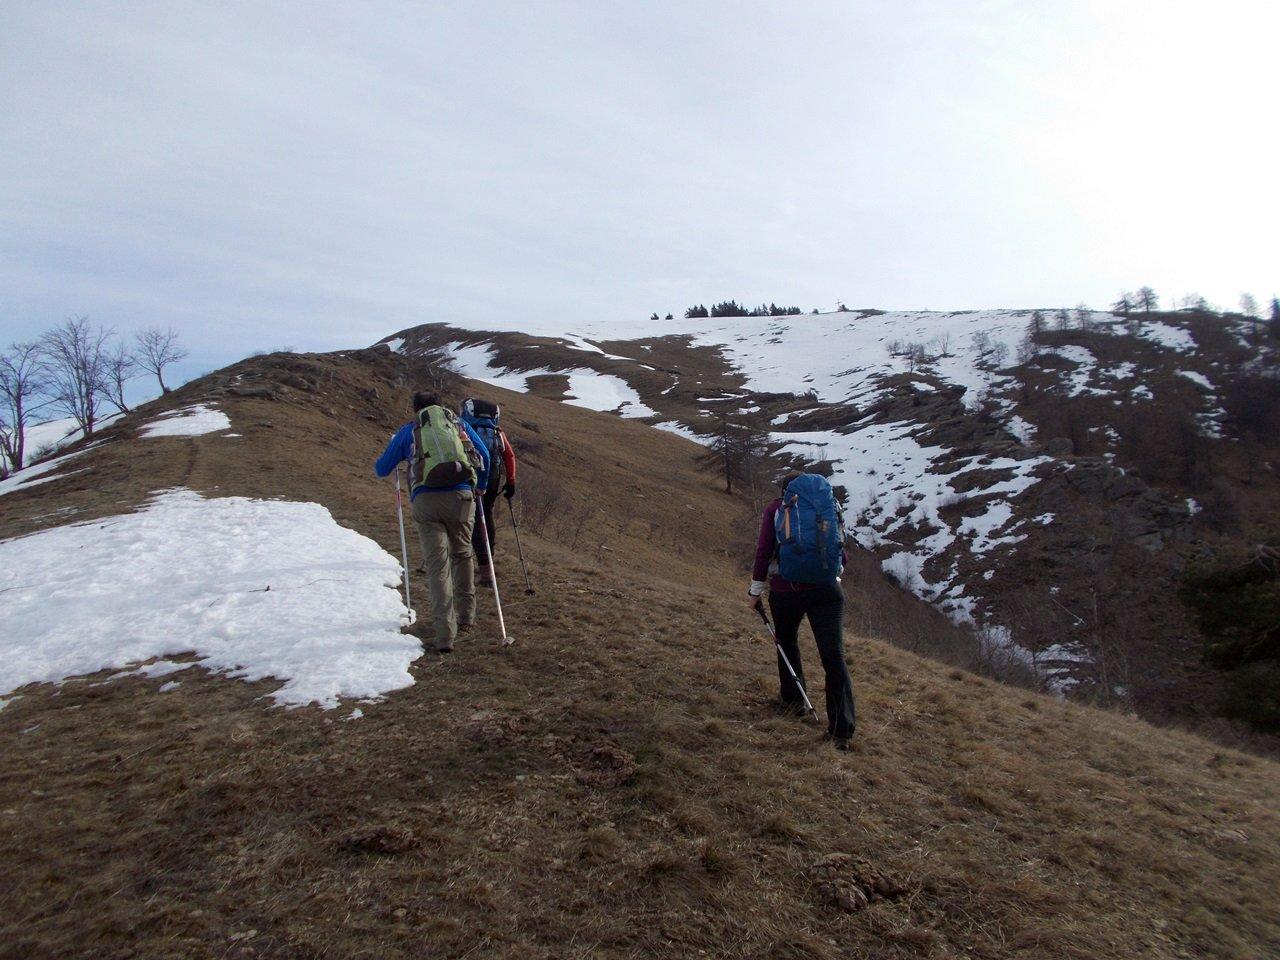 prima neve a pochi minuti dalla cima